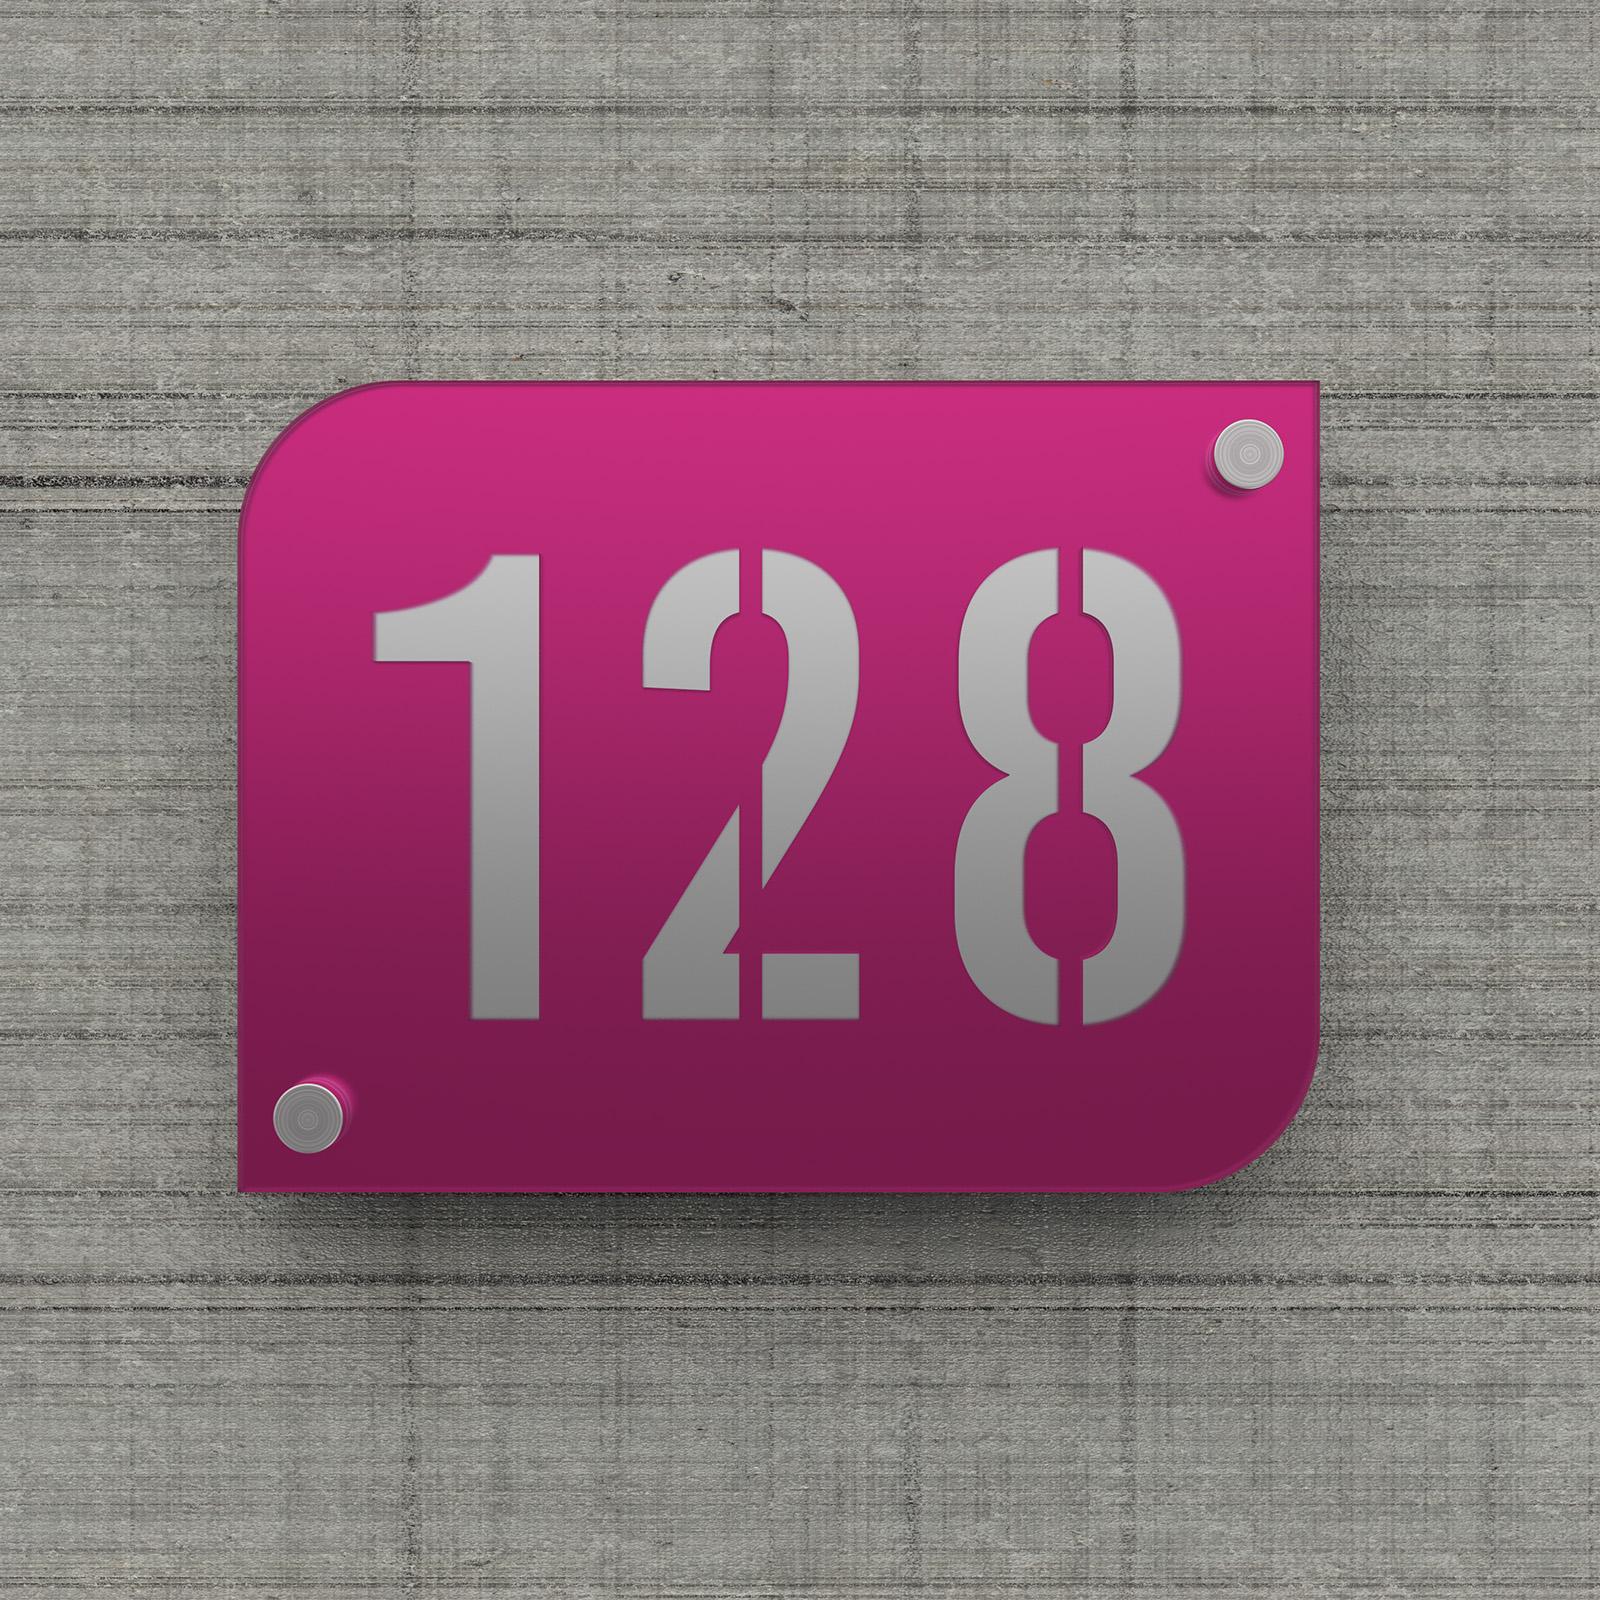 Plaque numéro de rue / maison violet design avec fond personnalisable - Modèle URBAN